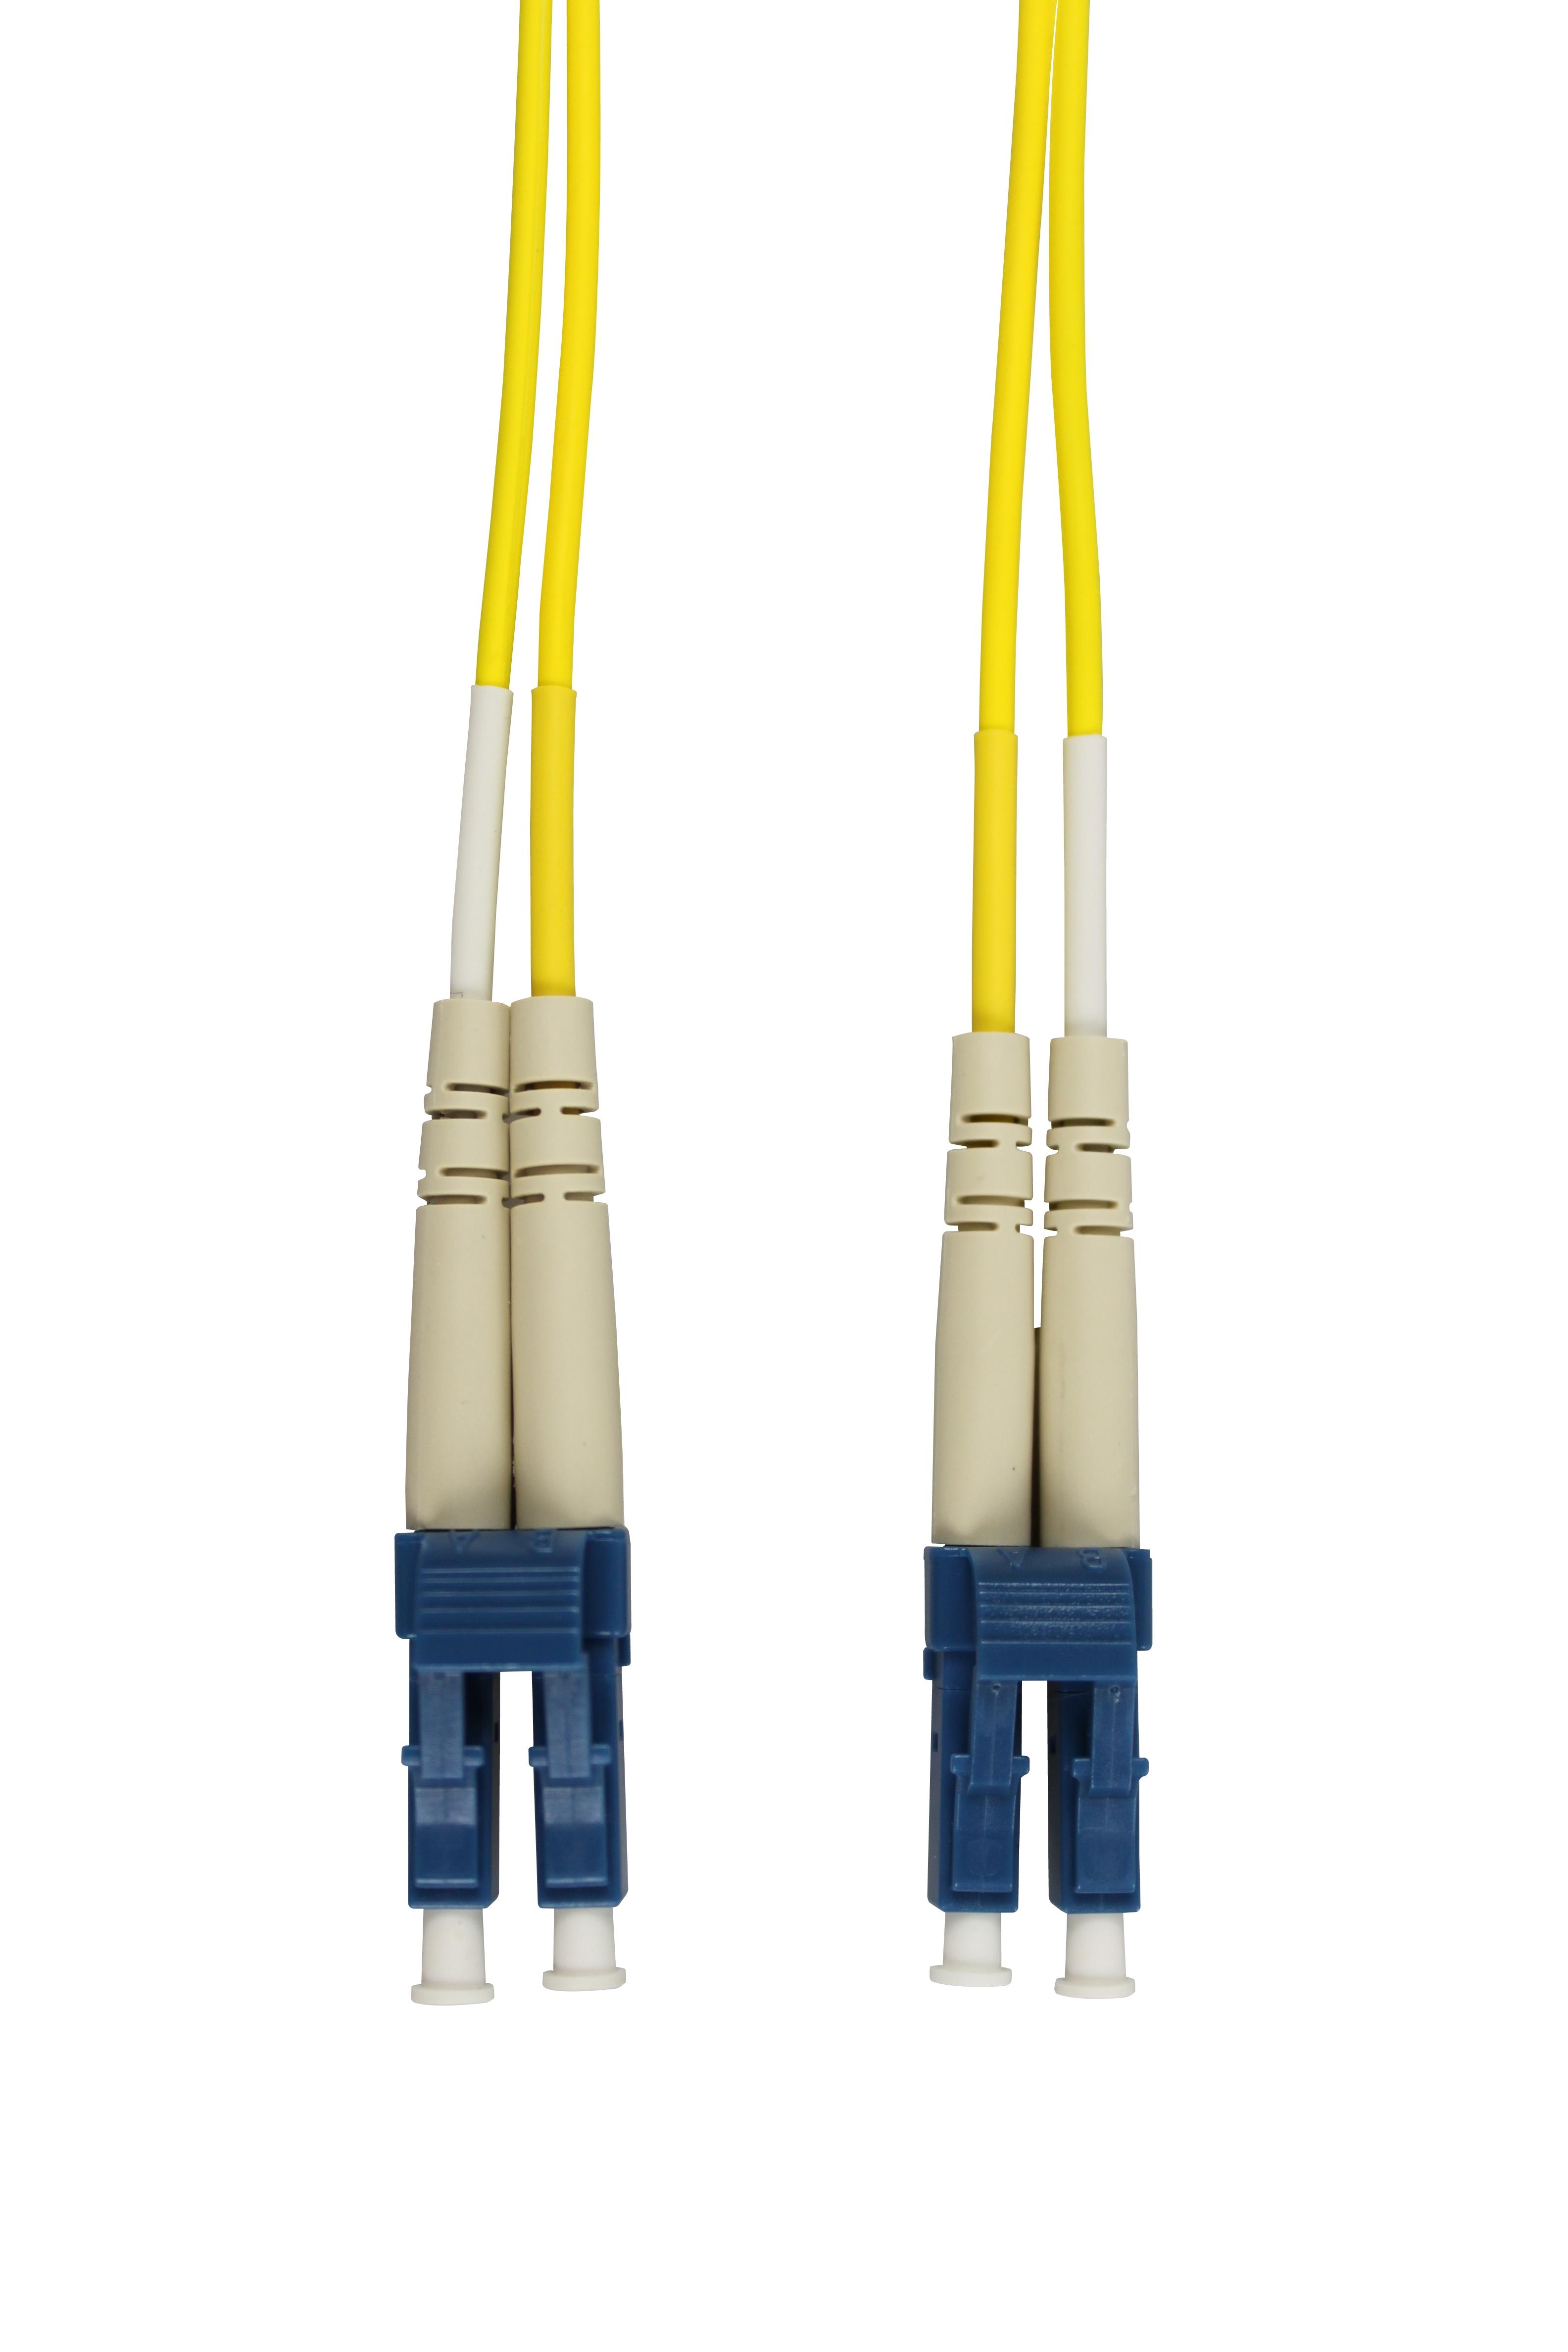 1 Stk LWL Patchkabel Duplex LC/LC, 9/125µm OS2, LS0H-3, gelb, 2.0m HLP29LL02F